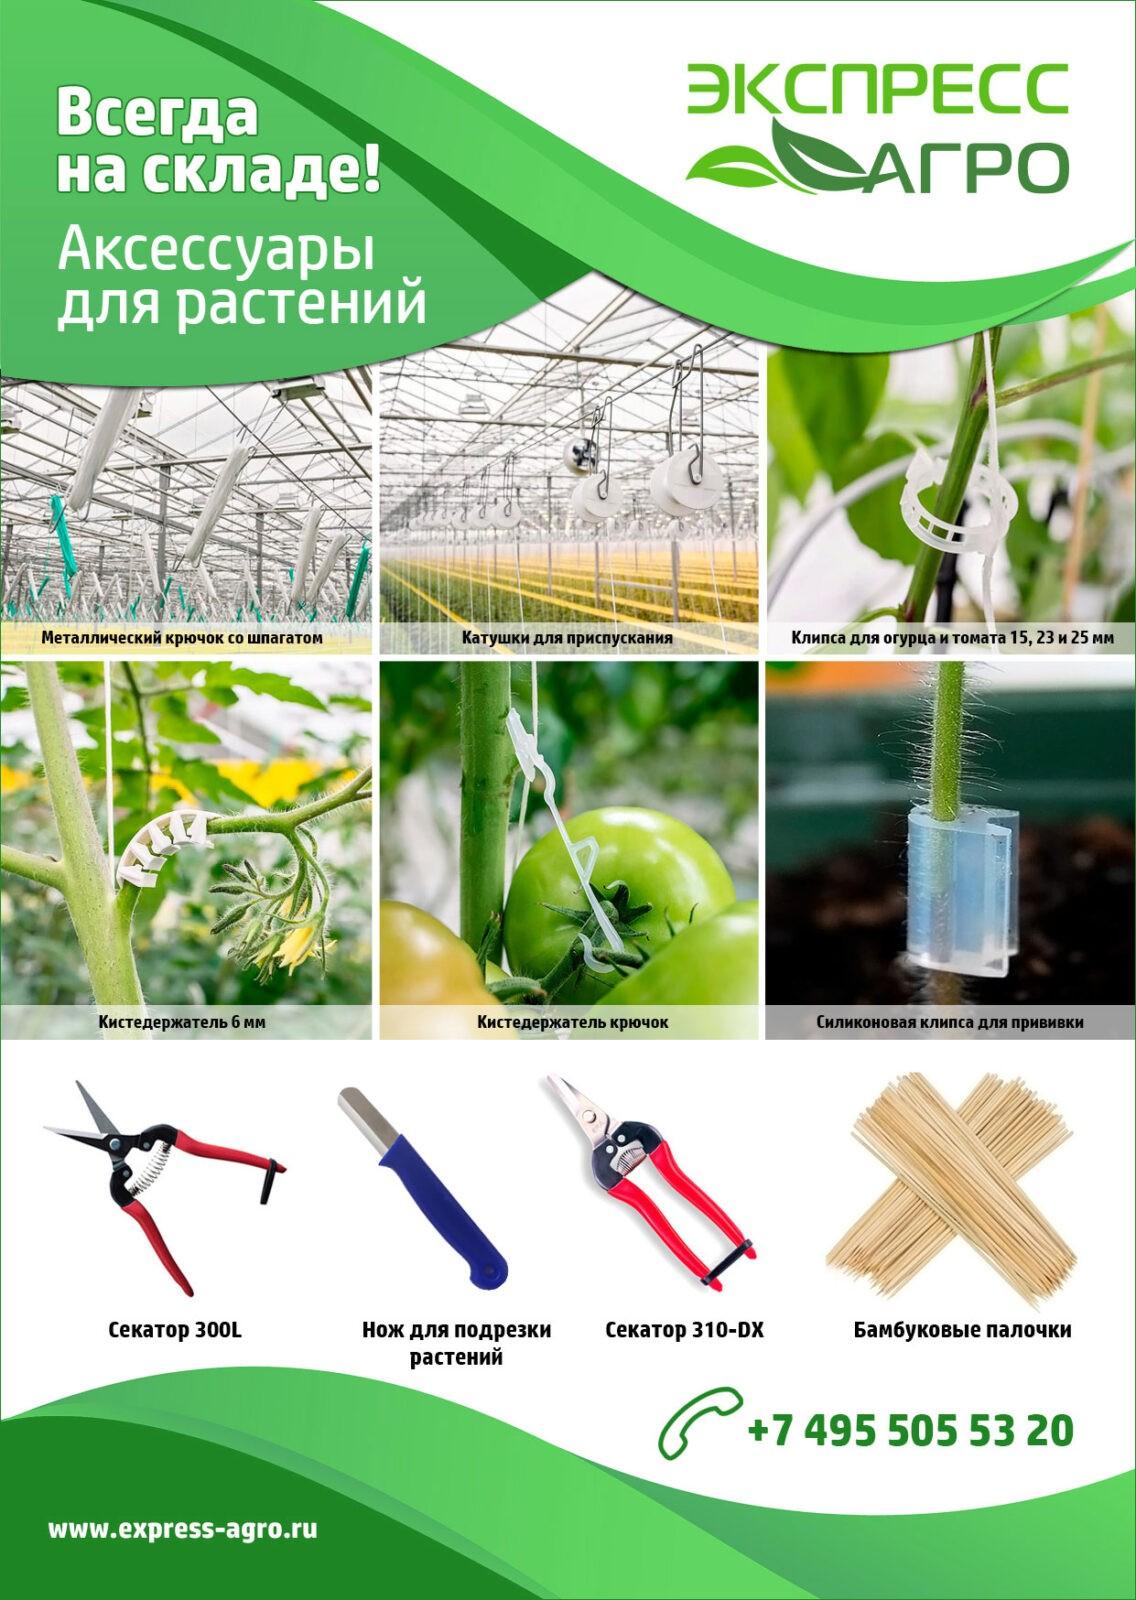 Выгодное предложение на аксессуары для ухода за растениями